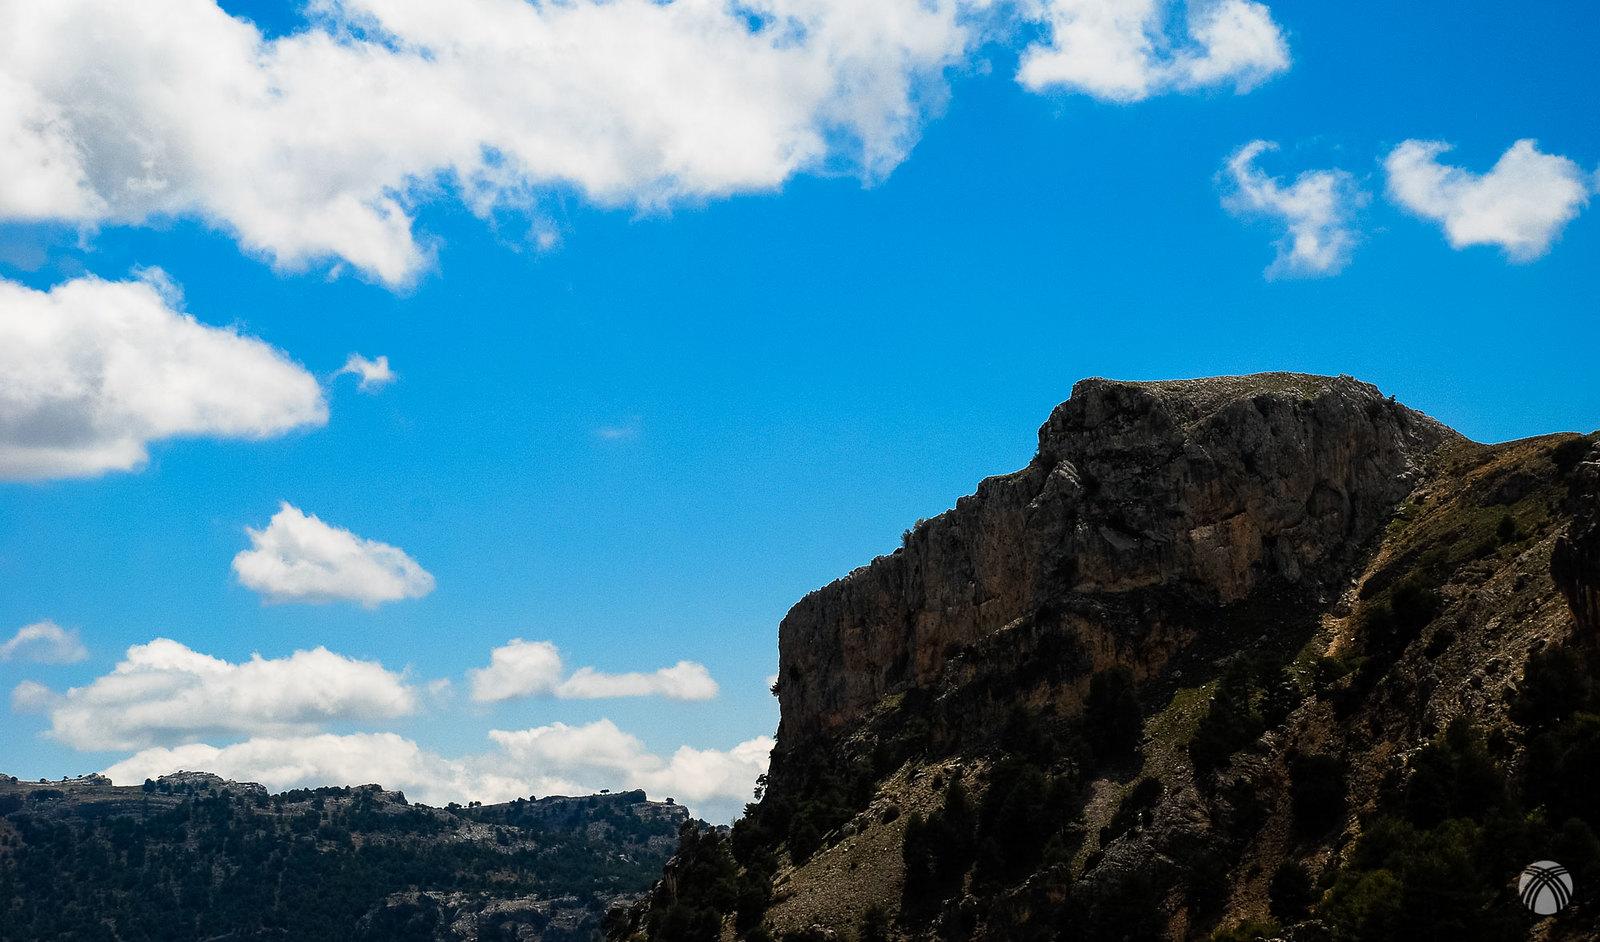 Diálogo entre montaña y nubes